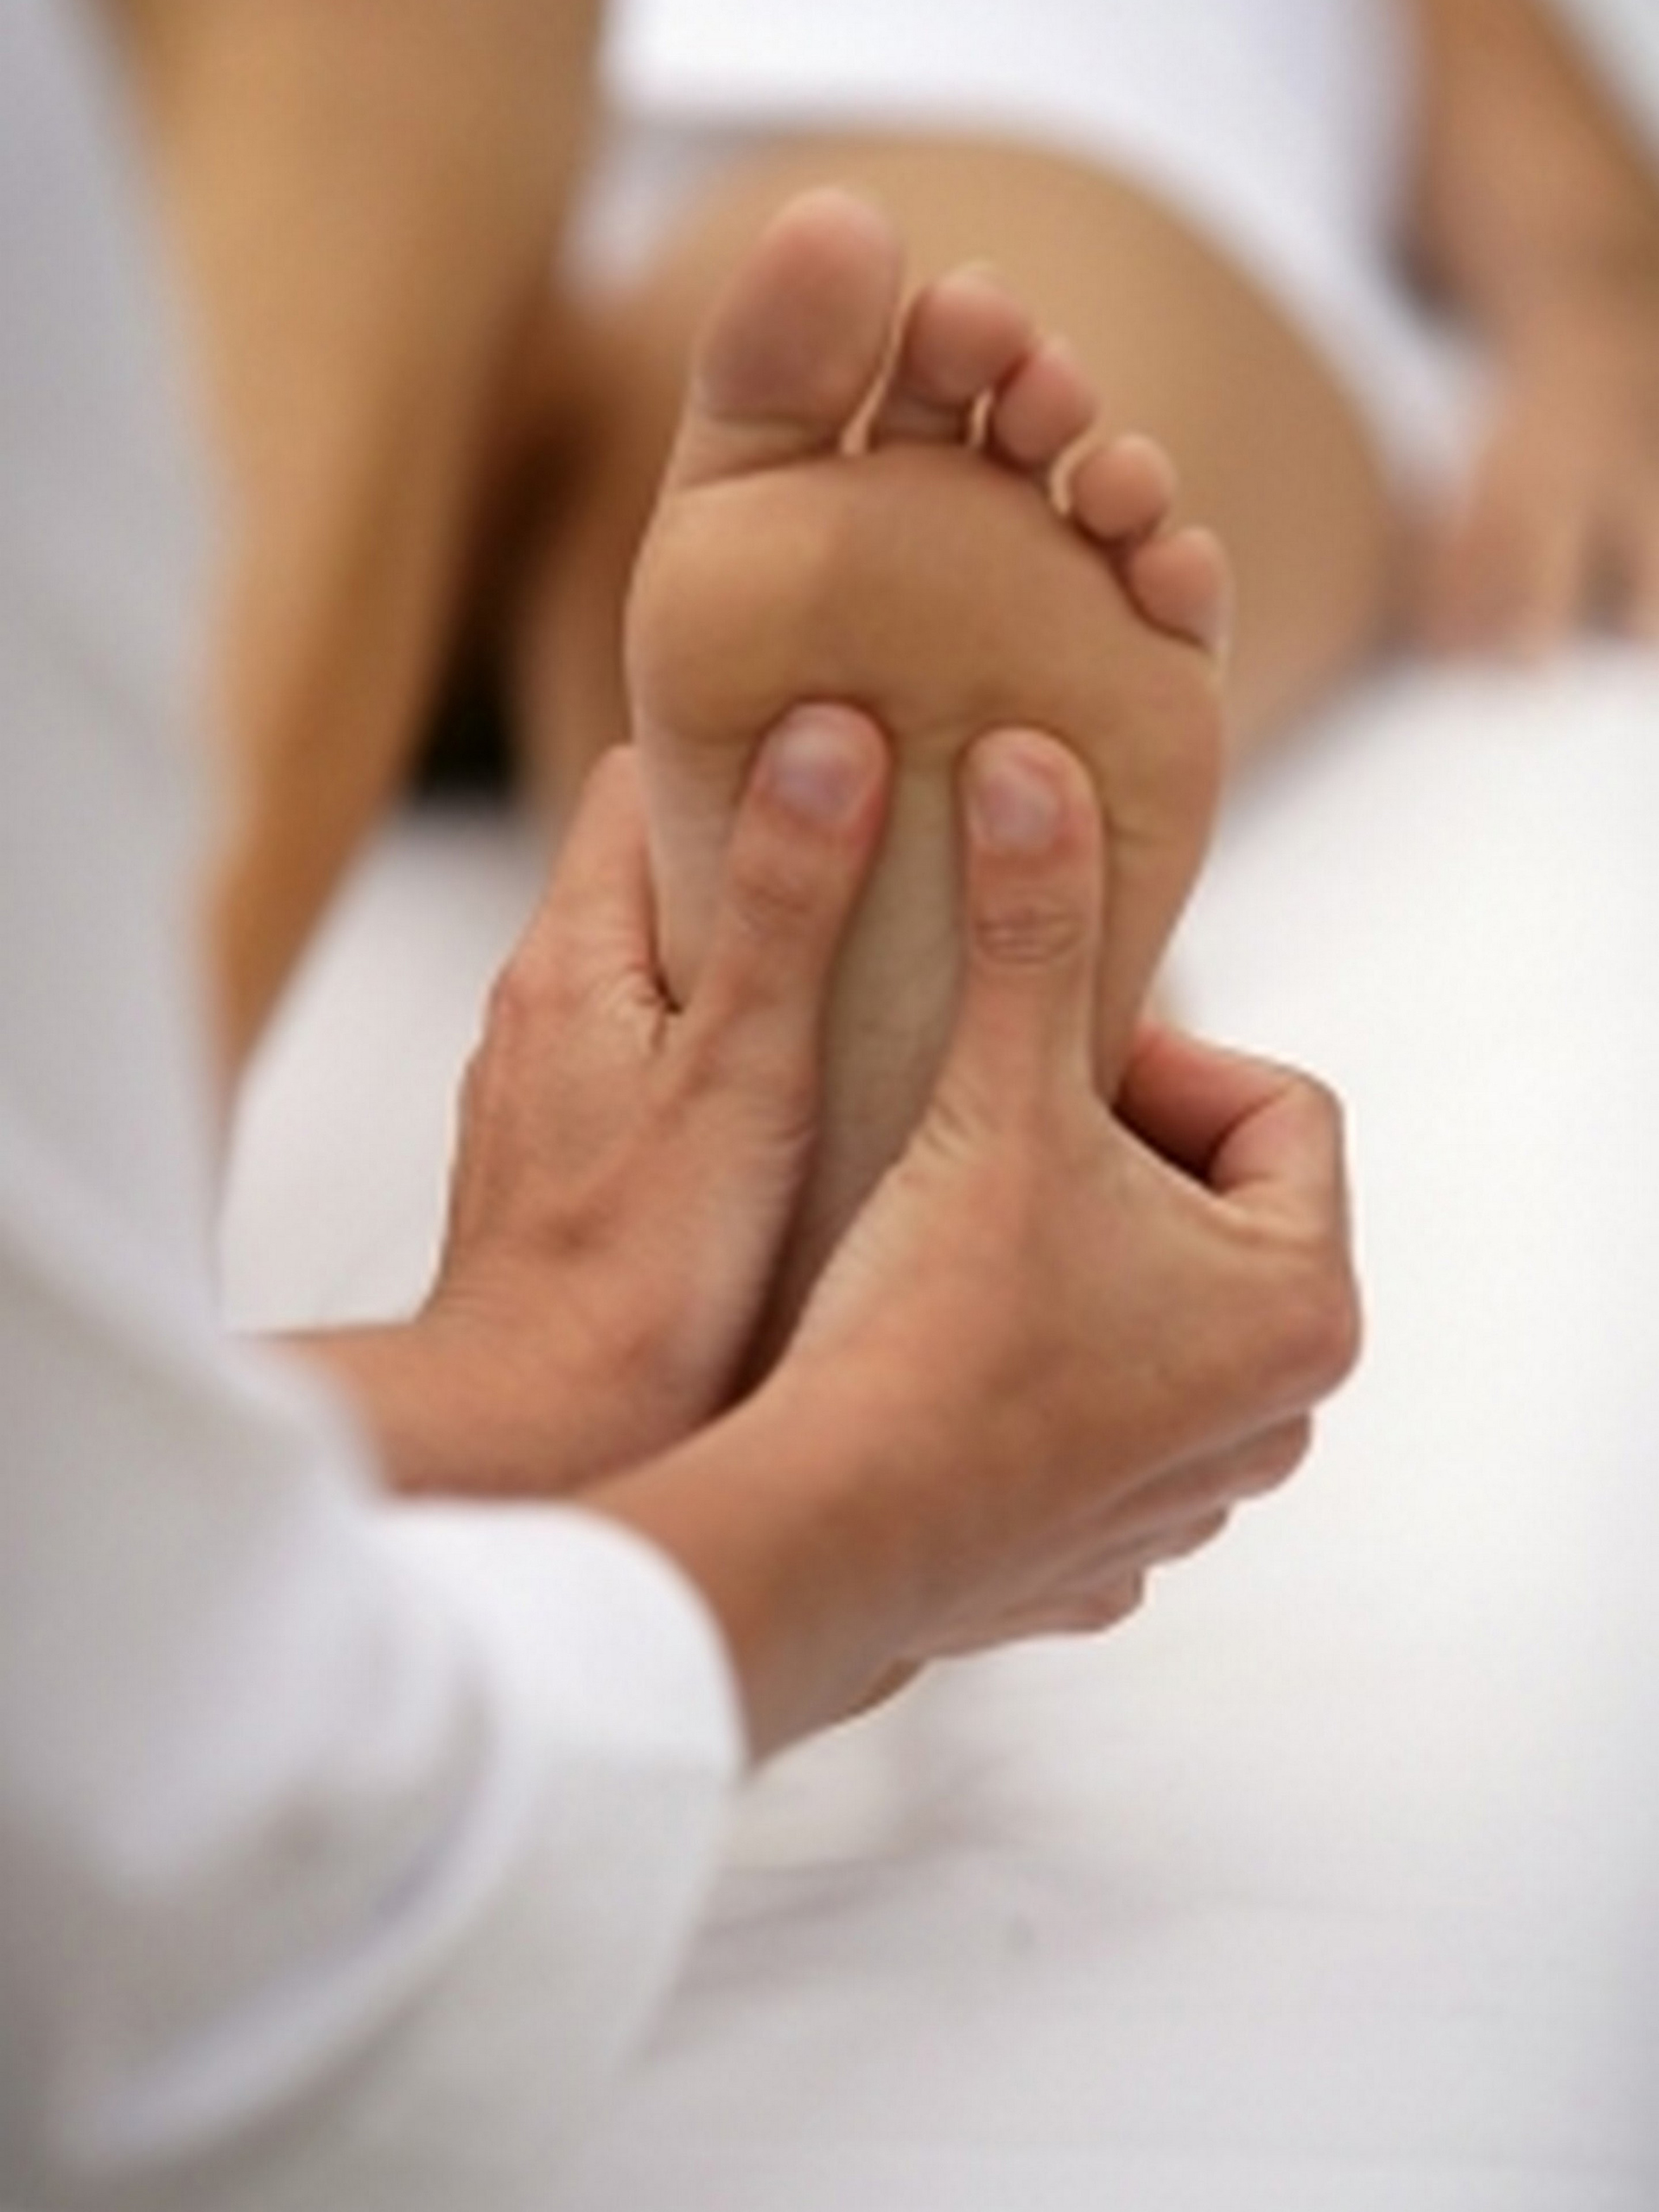 reflexologie-Relaxation-par-le-pied au domaine des camelias